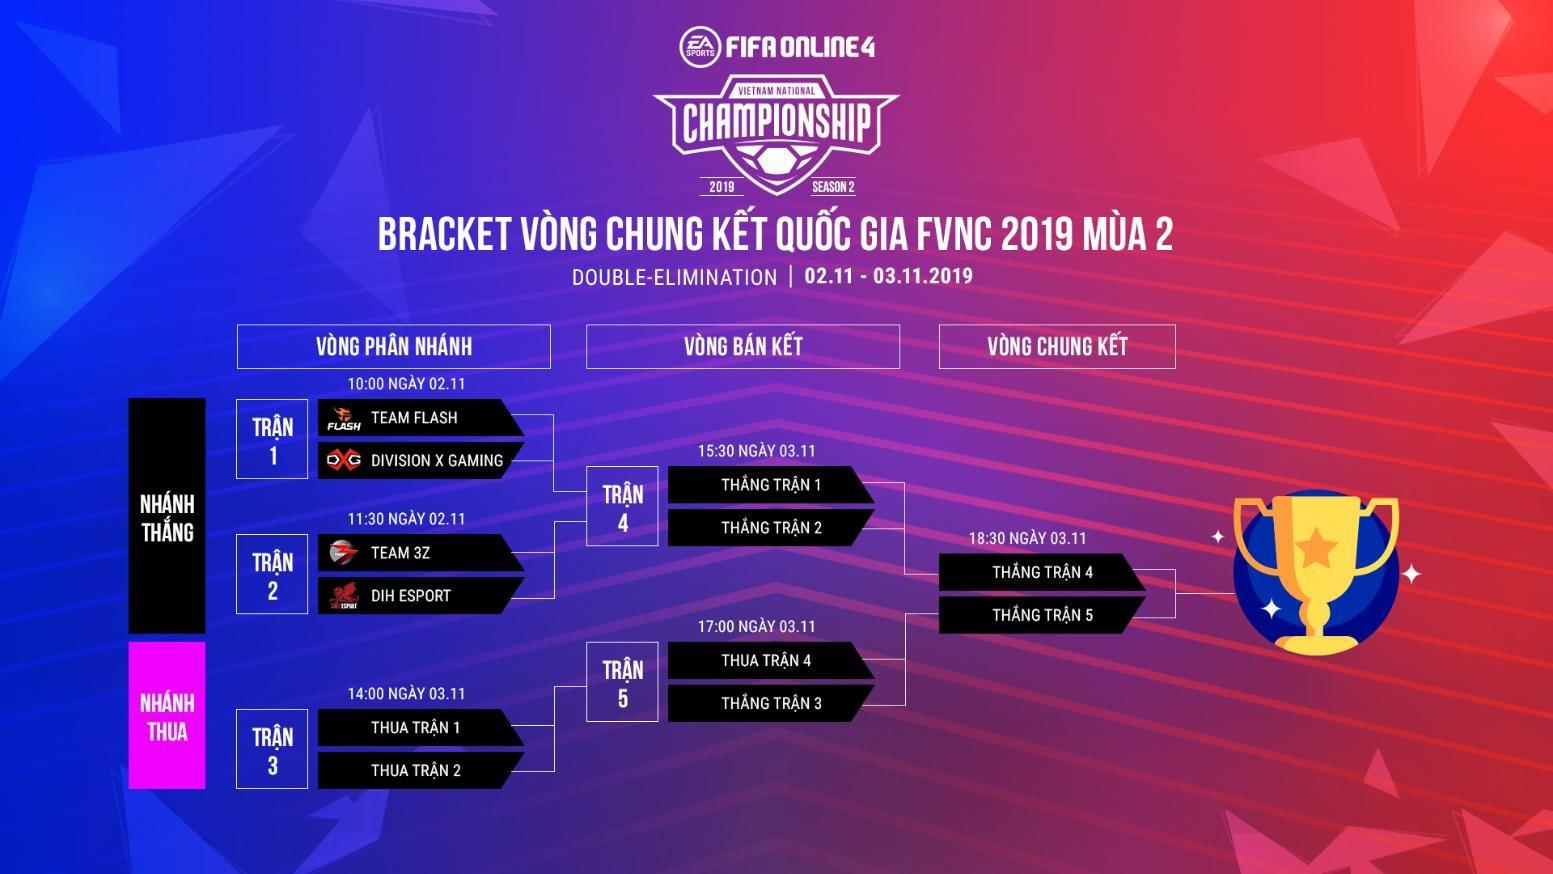 Mãn nhãn với trailer chính thức của FIFA Online 4 Việt Nam, ra mắt 4 đội tuyển mạnh nhất VCK Quốc gia FVNC 2019 mùa 2 - Ảnh 6.